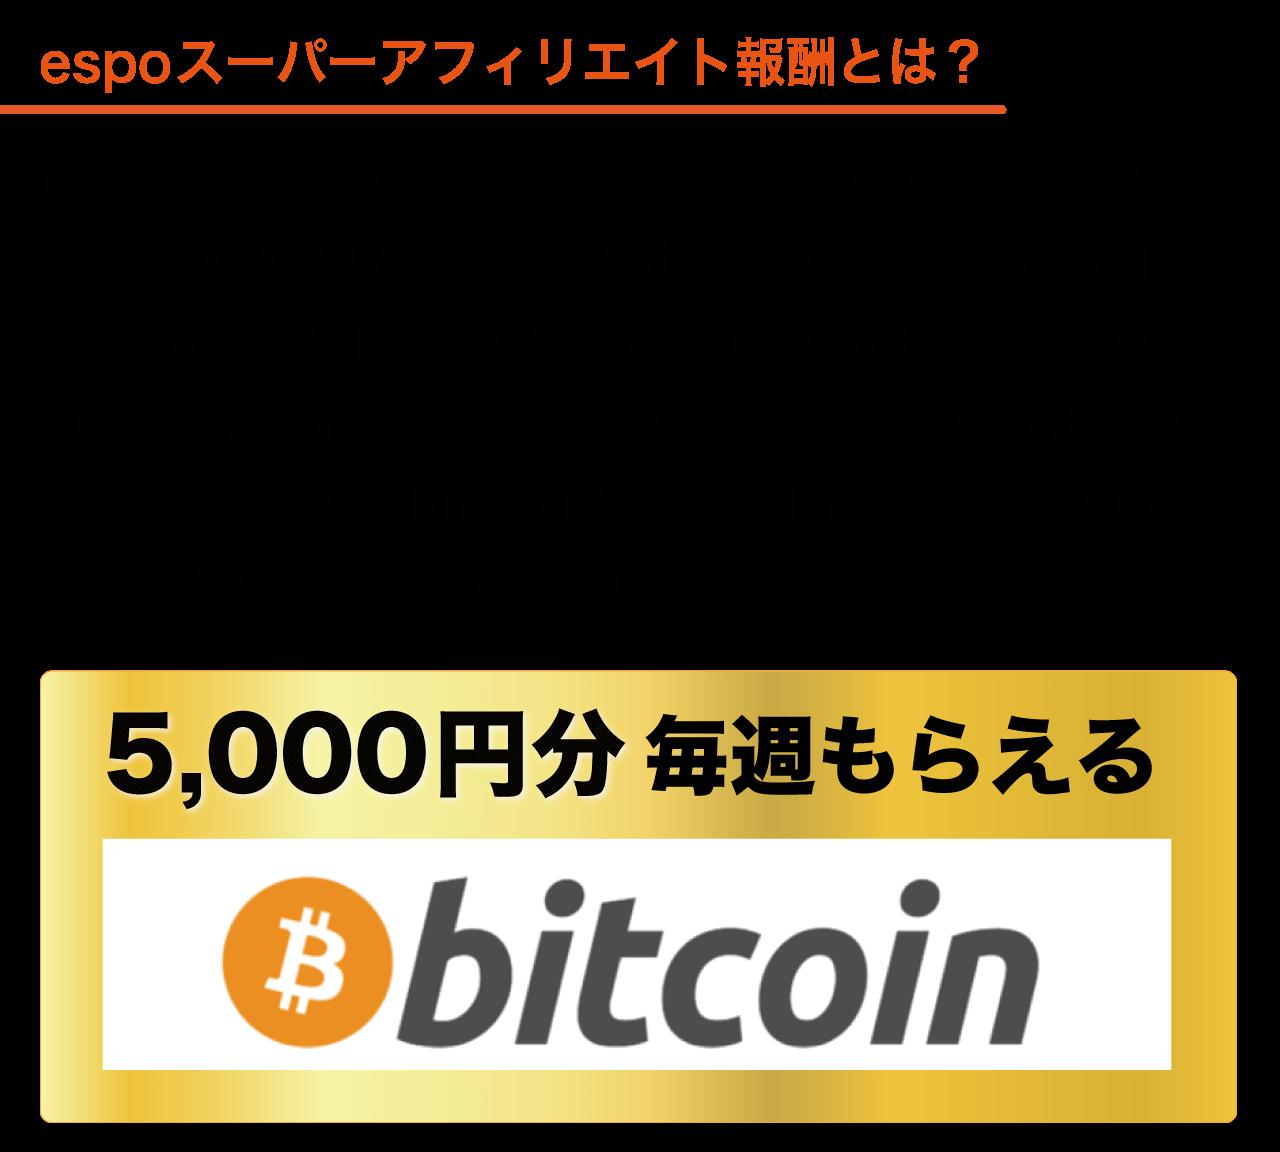 espo_super_Afi_20191016_1_02.png